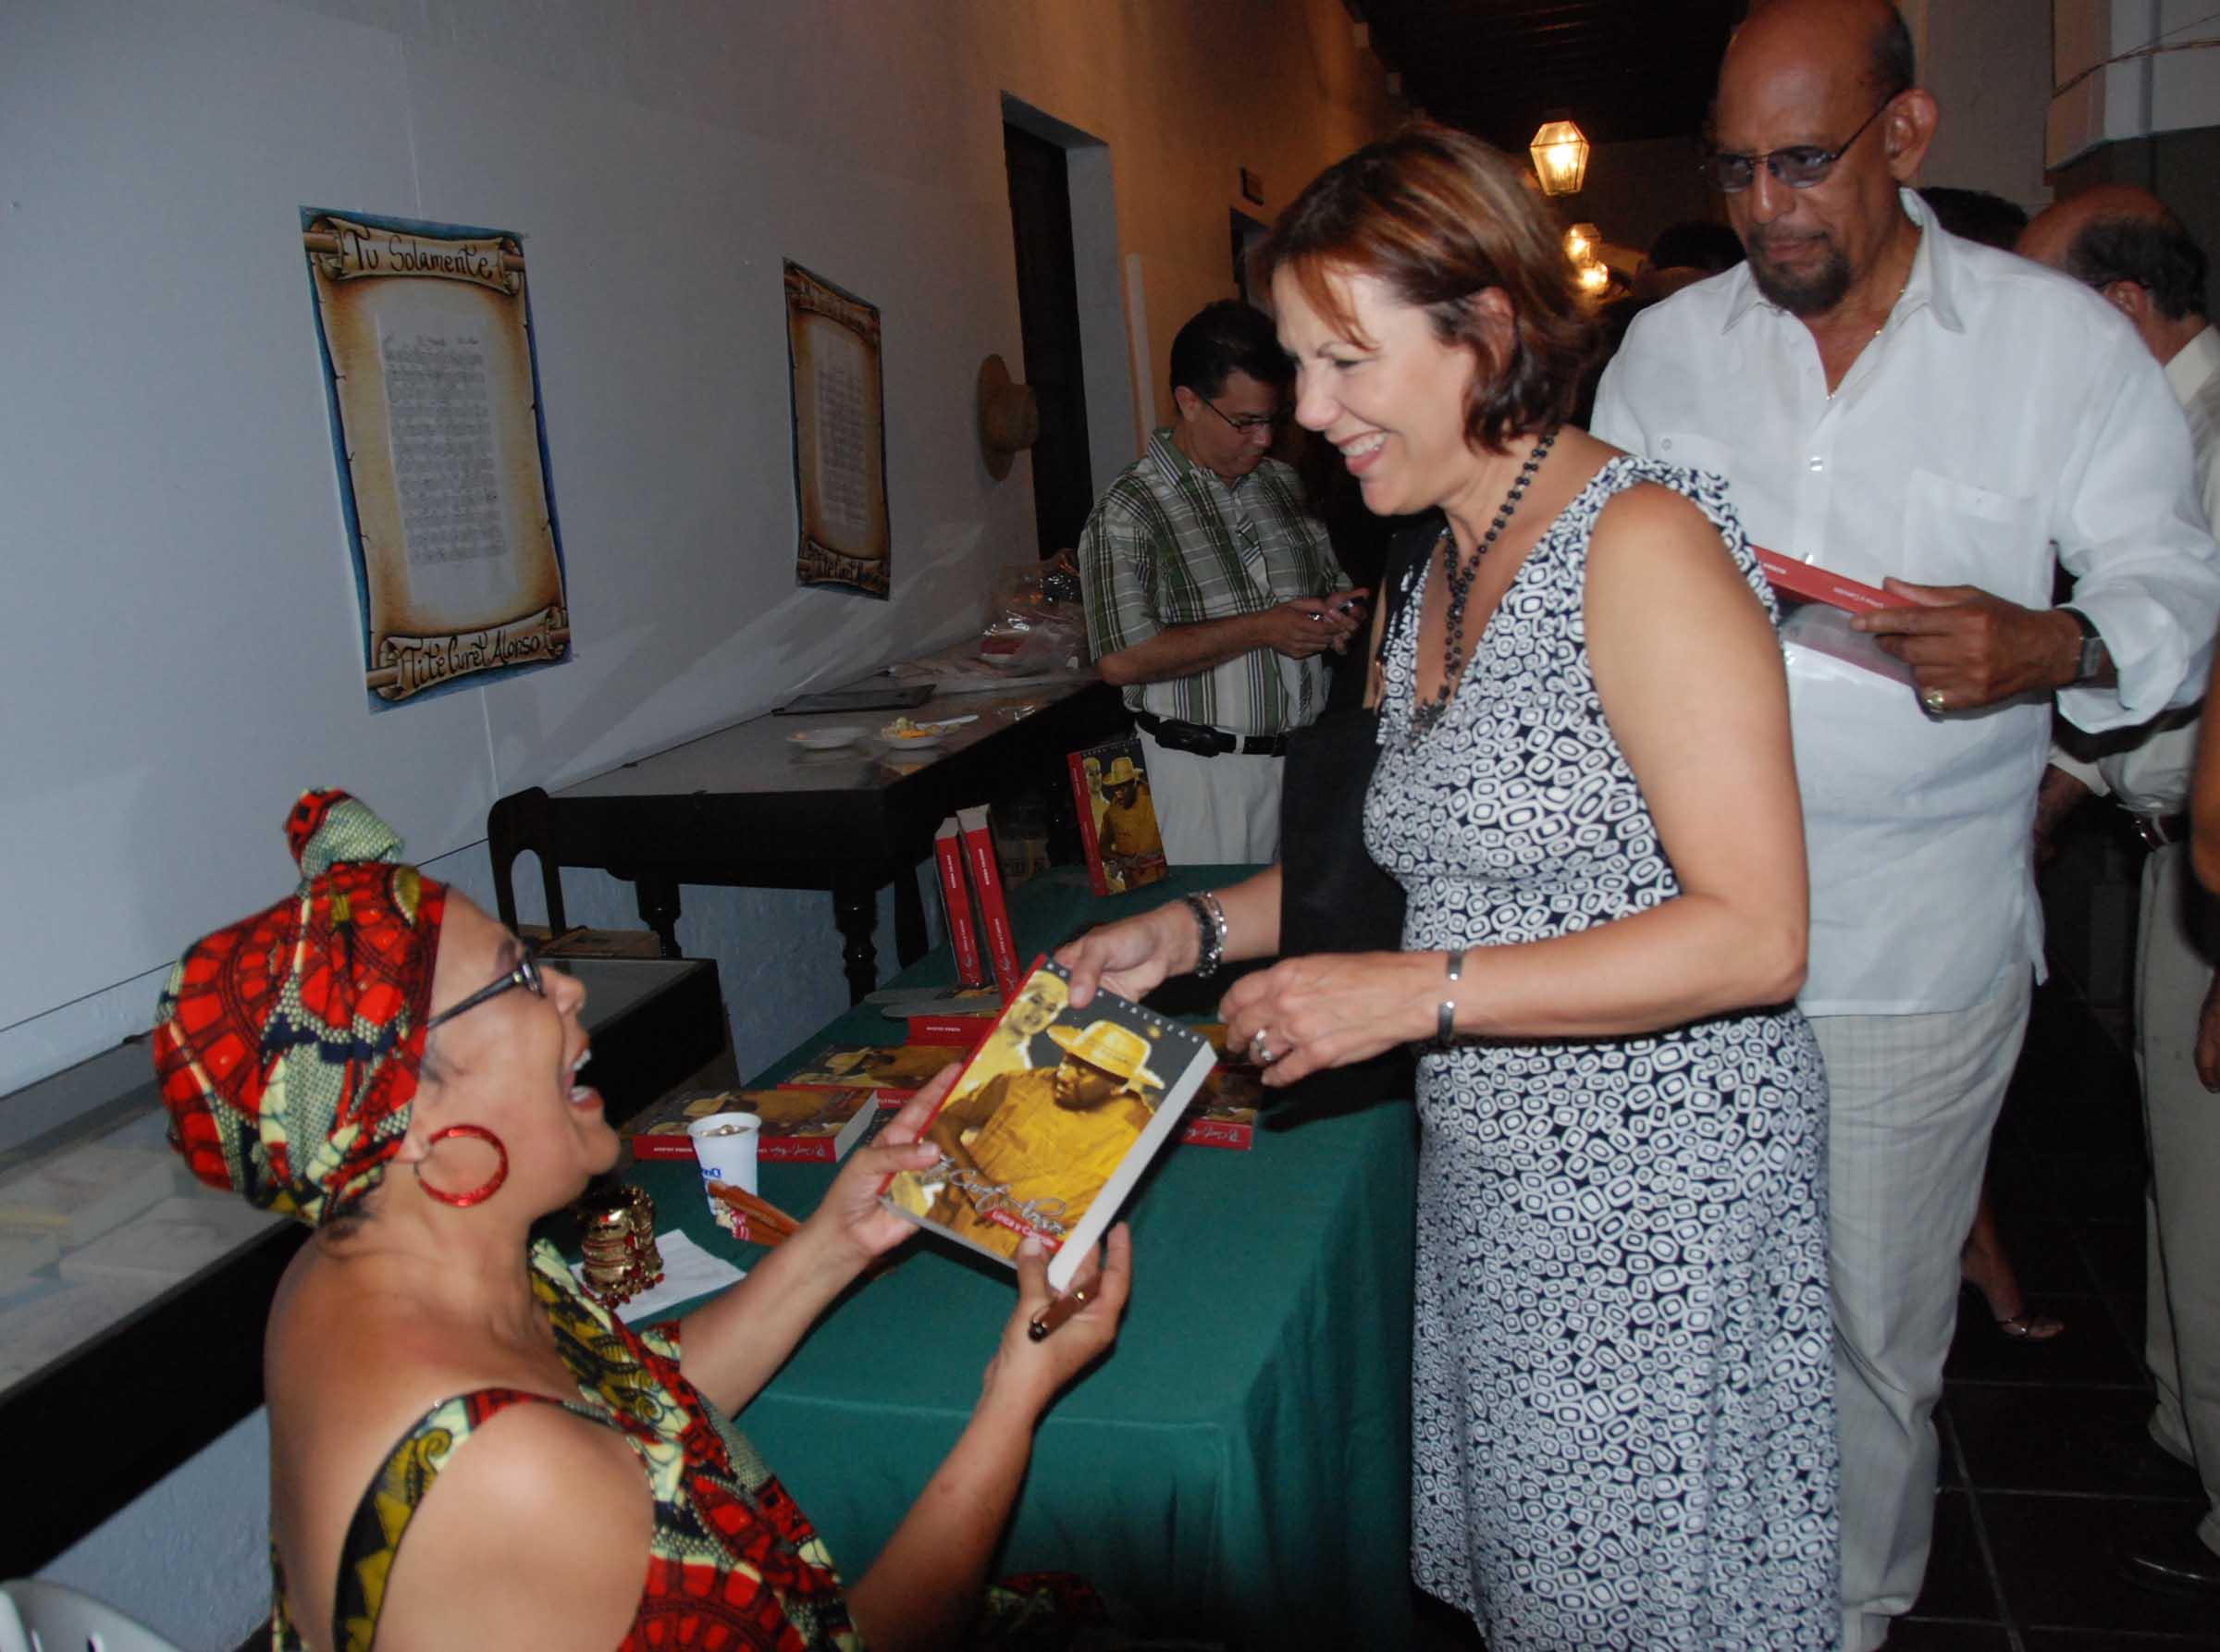 """Norma Salazar publicú el libro """"Tite Curet: lírica y canción"""" basado en su tésis presentada al Centro de Estdios Avanzados de Puerto Rico y el Caribe. (Foto Javier Santiago / Fundación Nacional para la Cultura Popular)"""